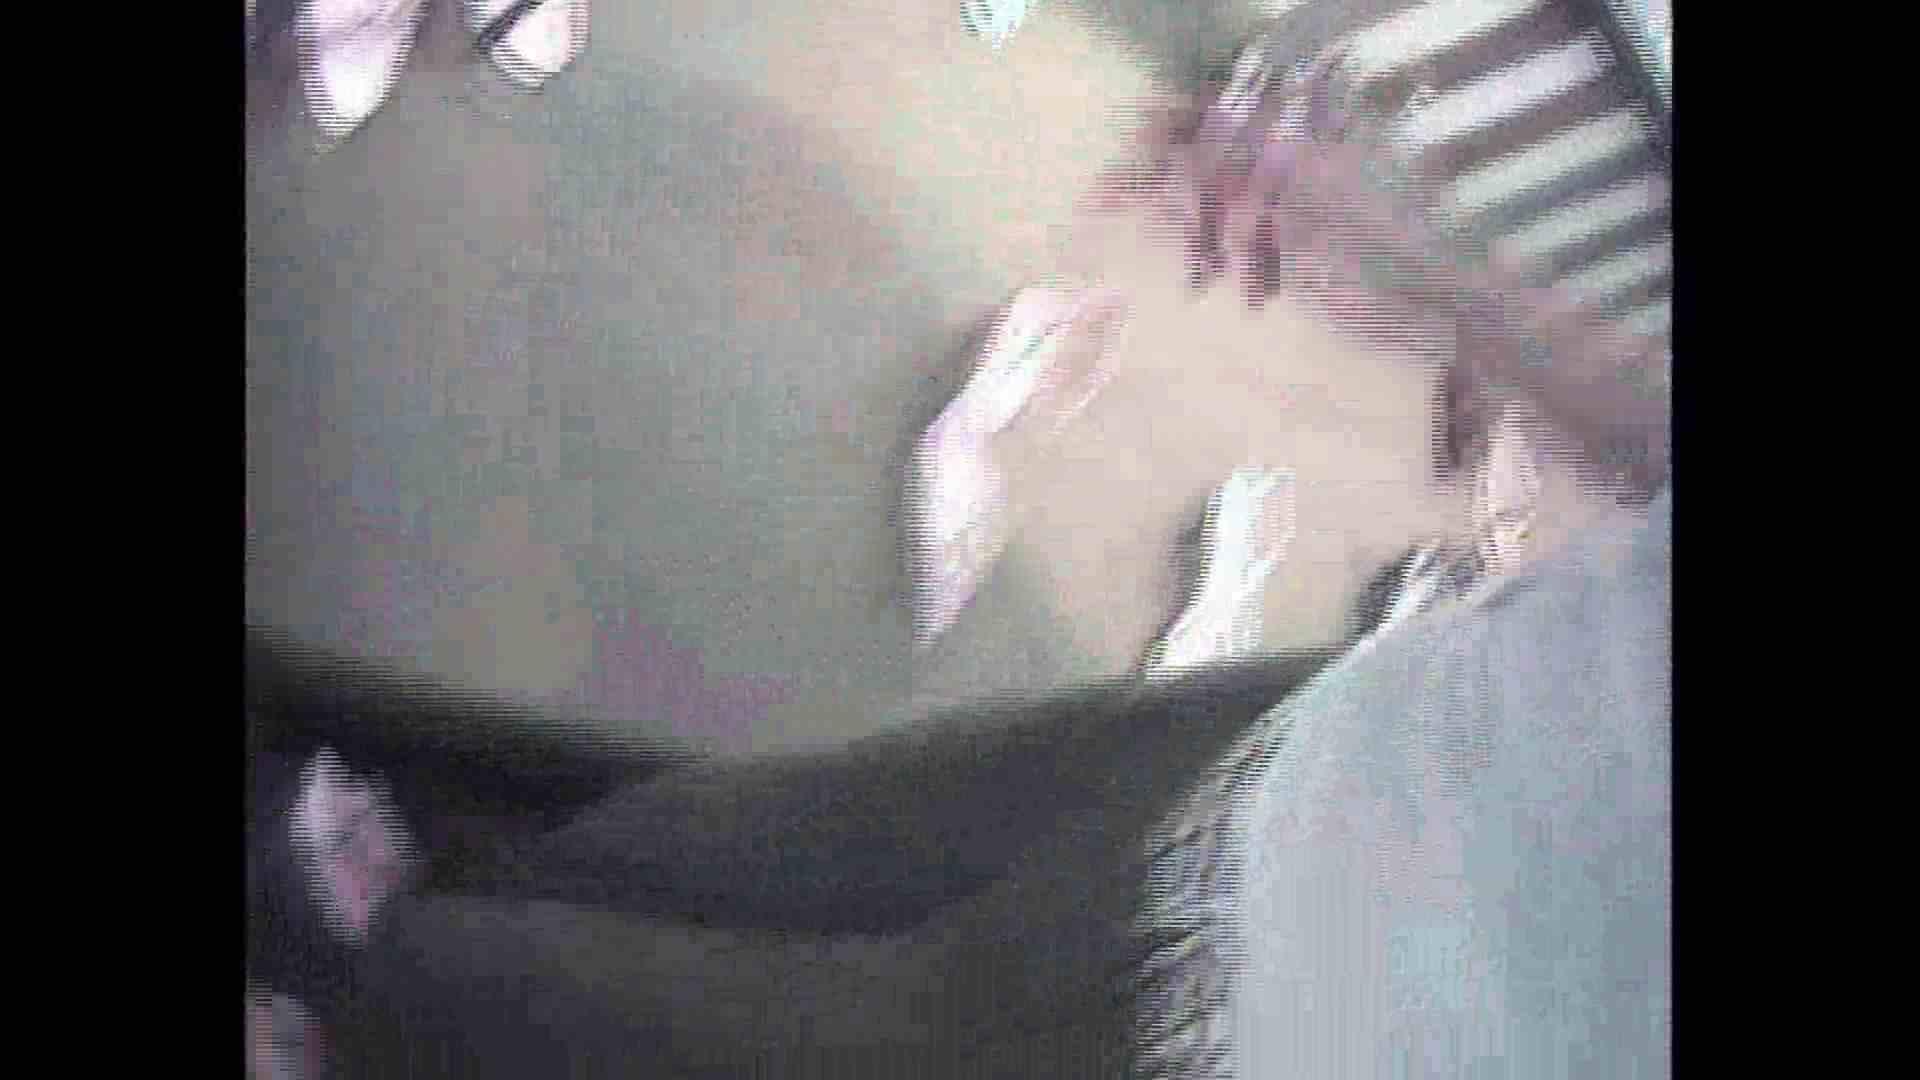 働く美女の谷間参拝 Vol.10 美女のヌード オメコ動画キャプチャ 96画像 6